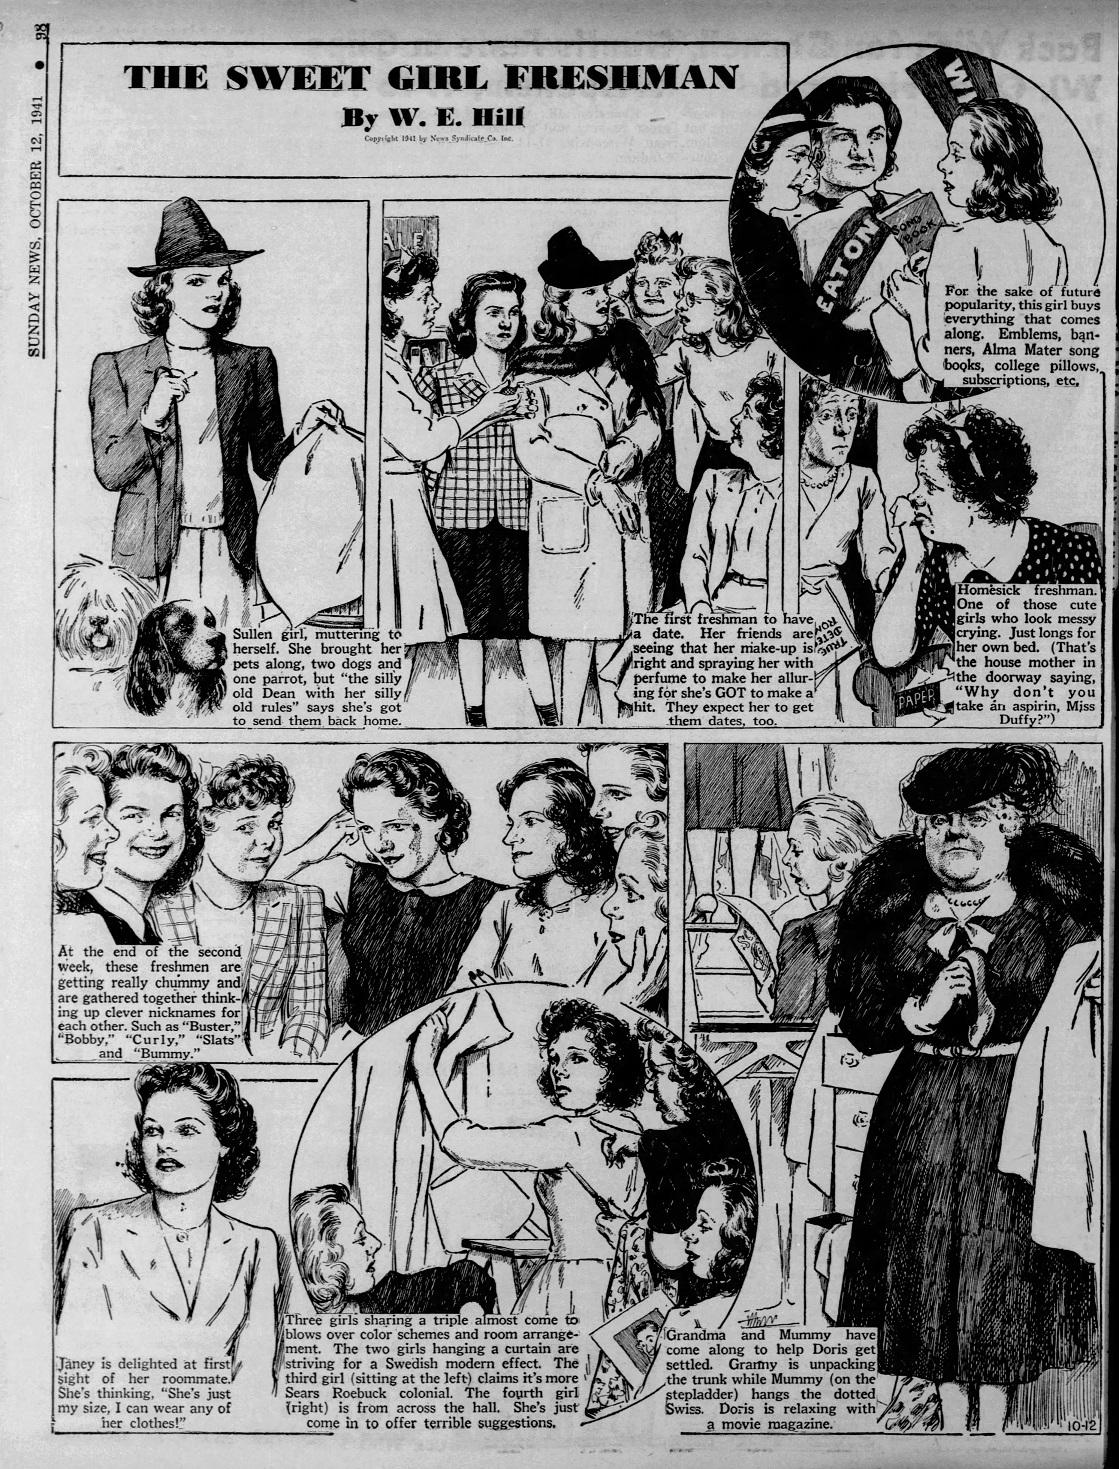 Daily_News_Sun__Oct_12__1941_(1).jpg